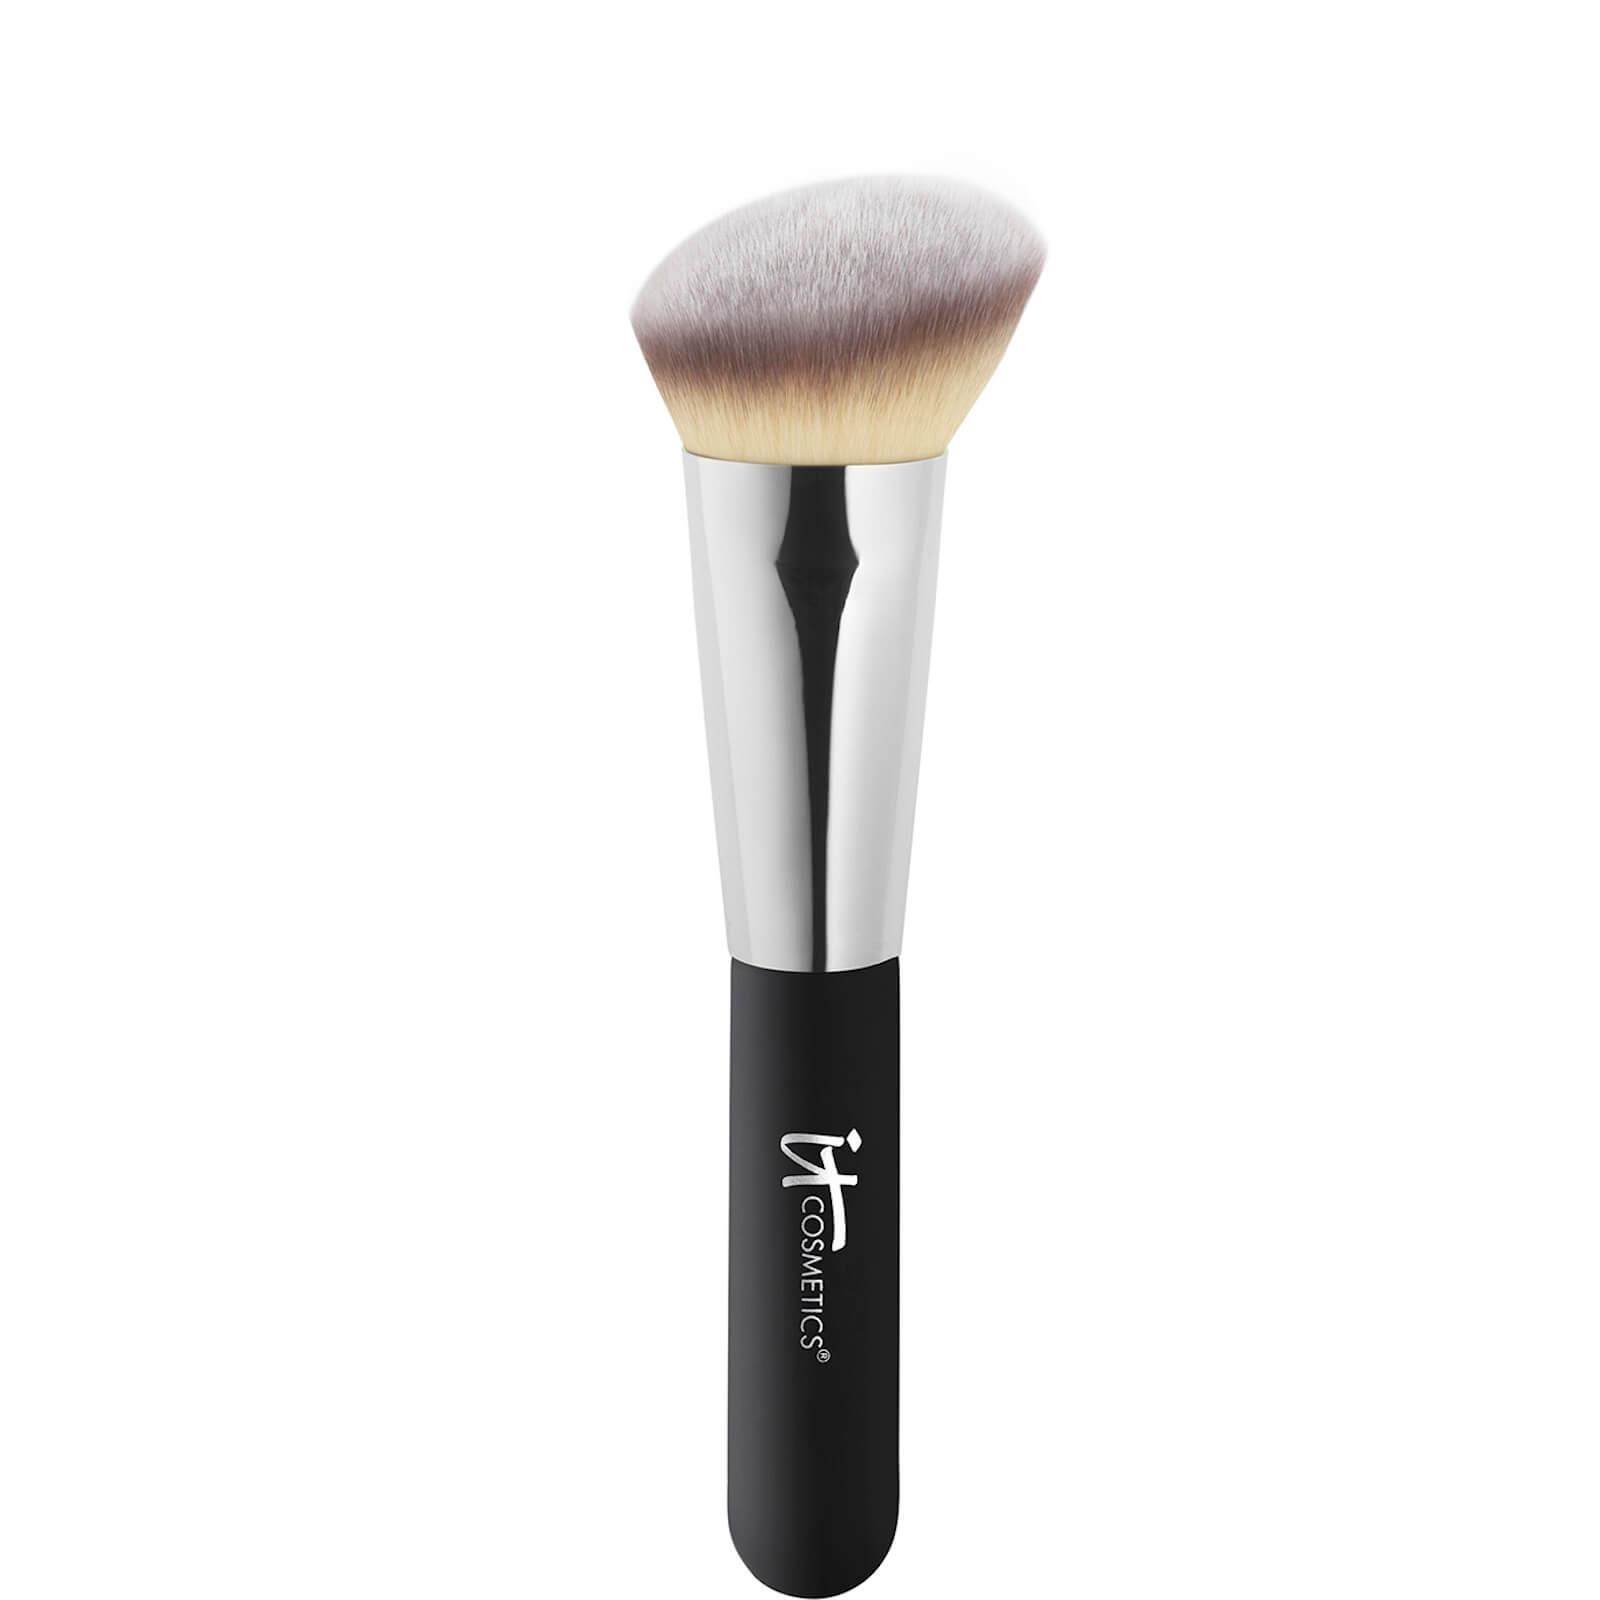 Купить IT Cosmetics Heavenly Luxe angled Radiance Brush #10